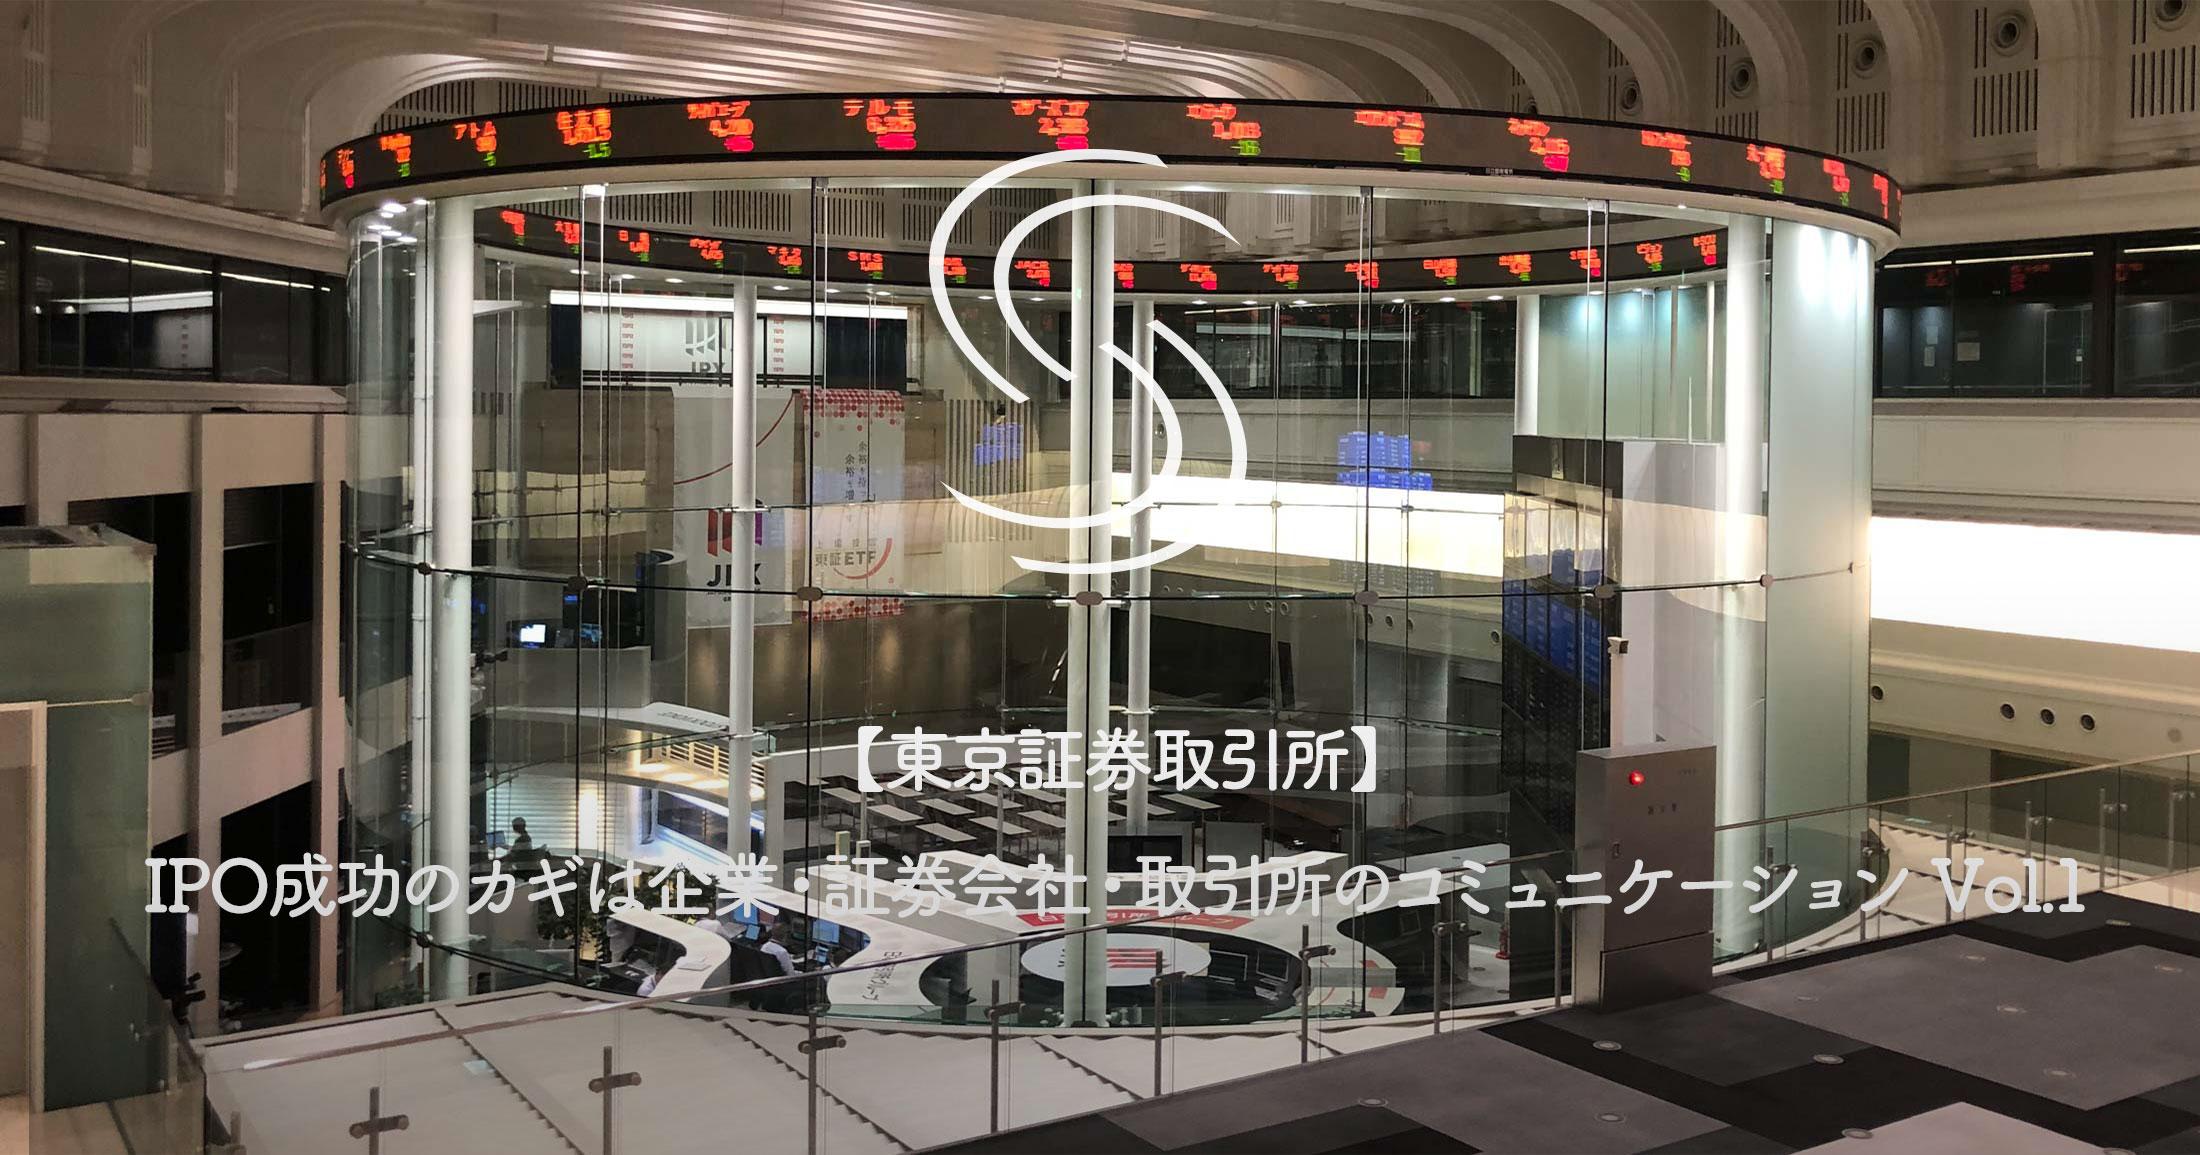 東京証券取引所】IPO成功のカギは企業・証券会社・取引所の ...